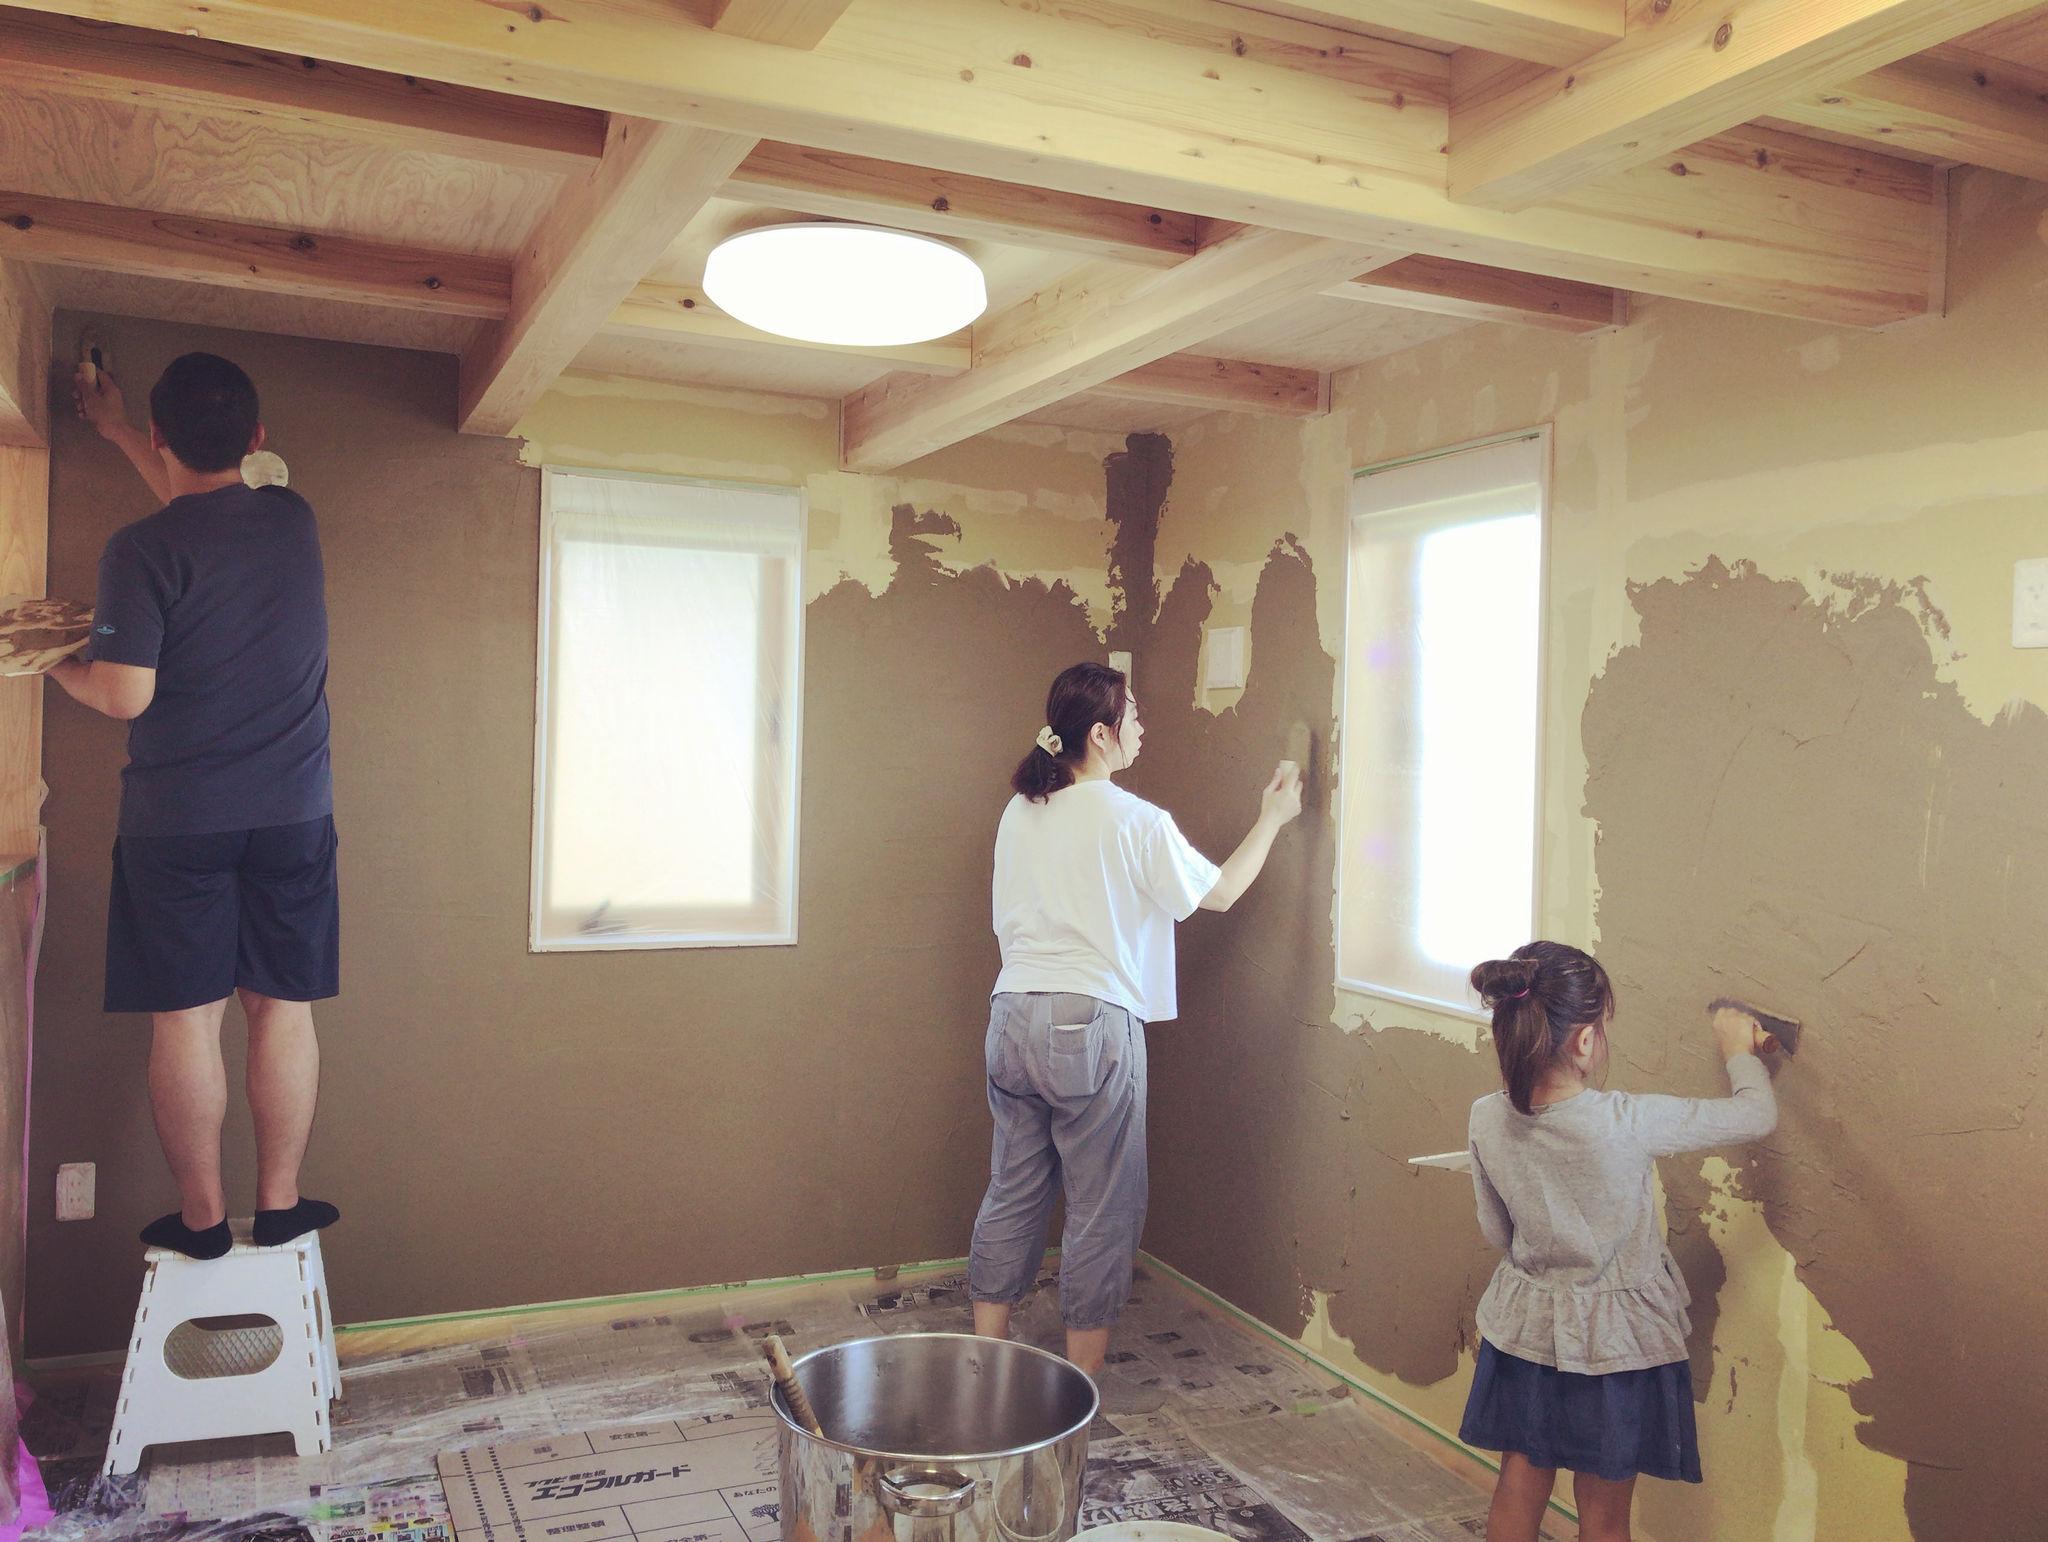 ご家族で 子供部屋の塗り壁体験を お茶薫る珪藻土